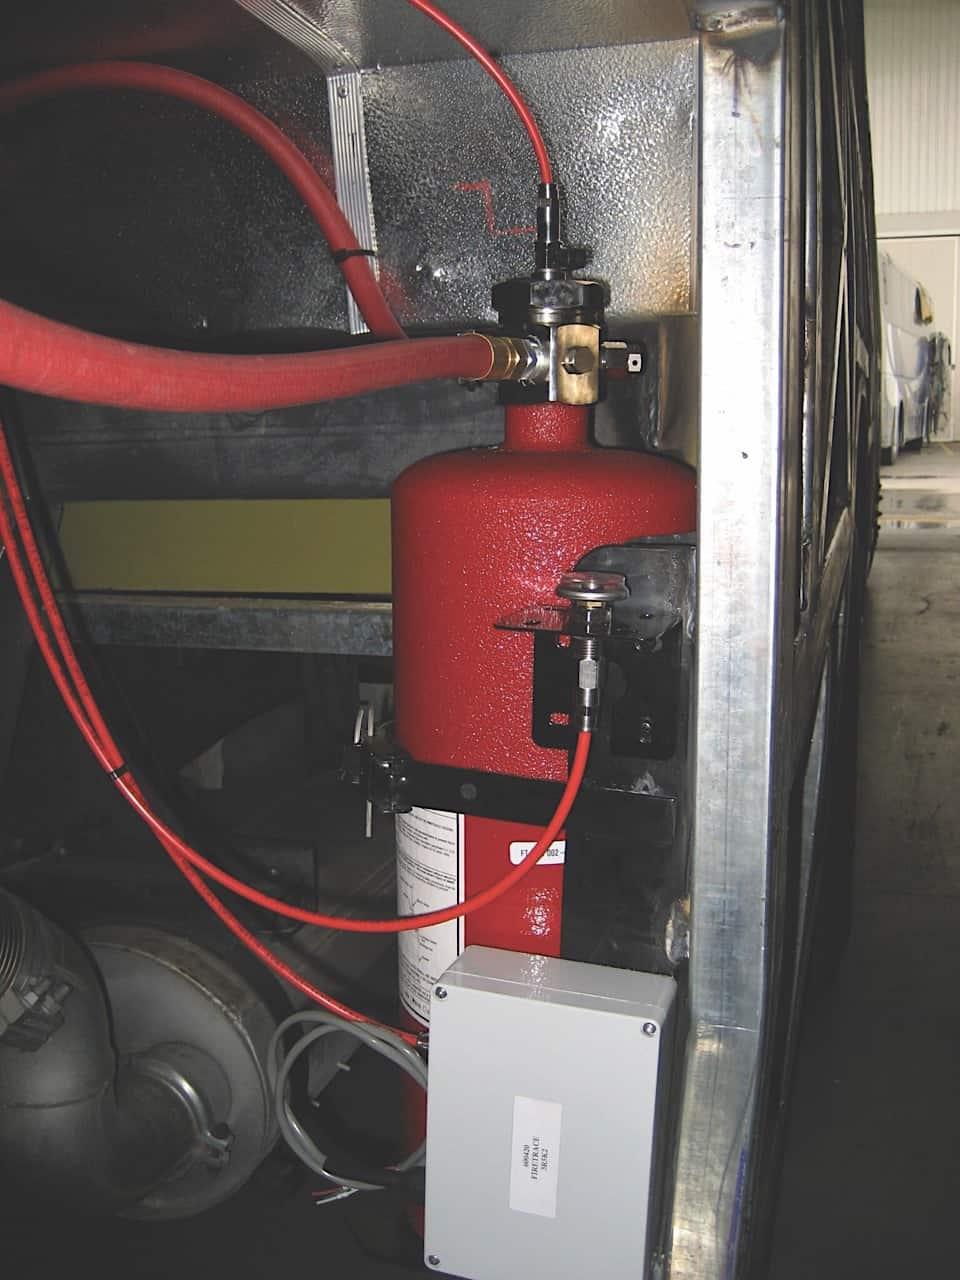 Fea Fire firetrace